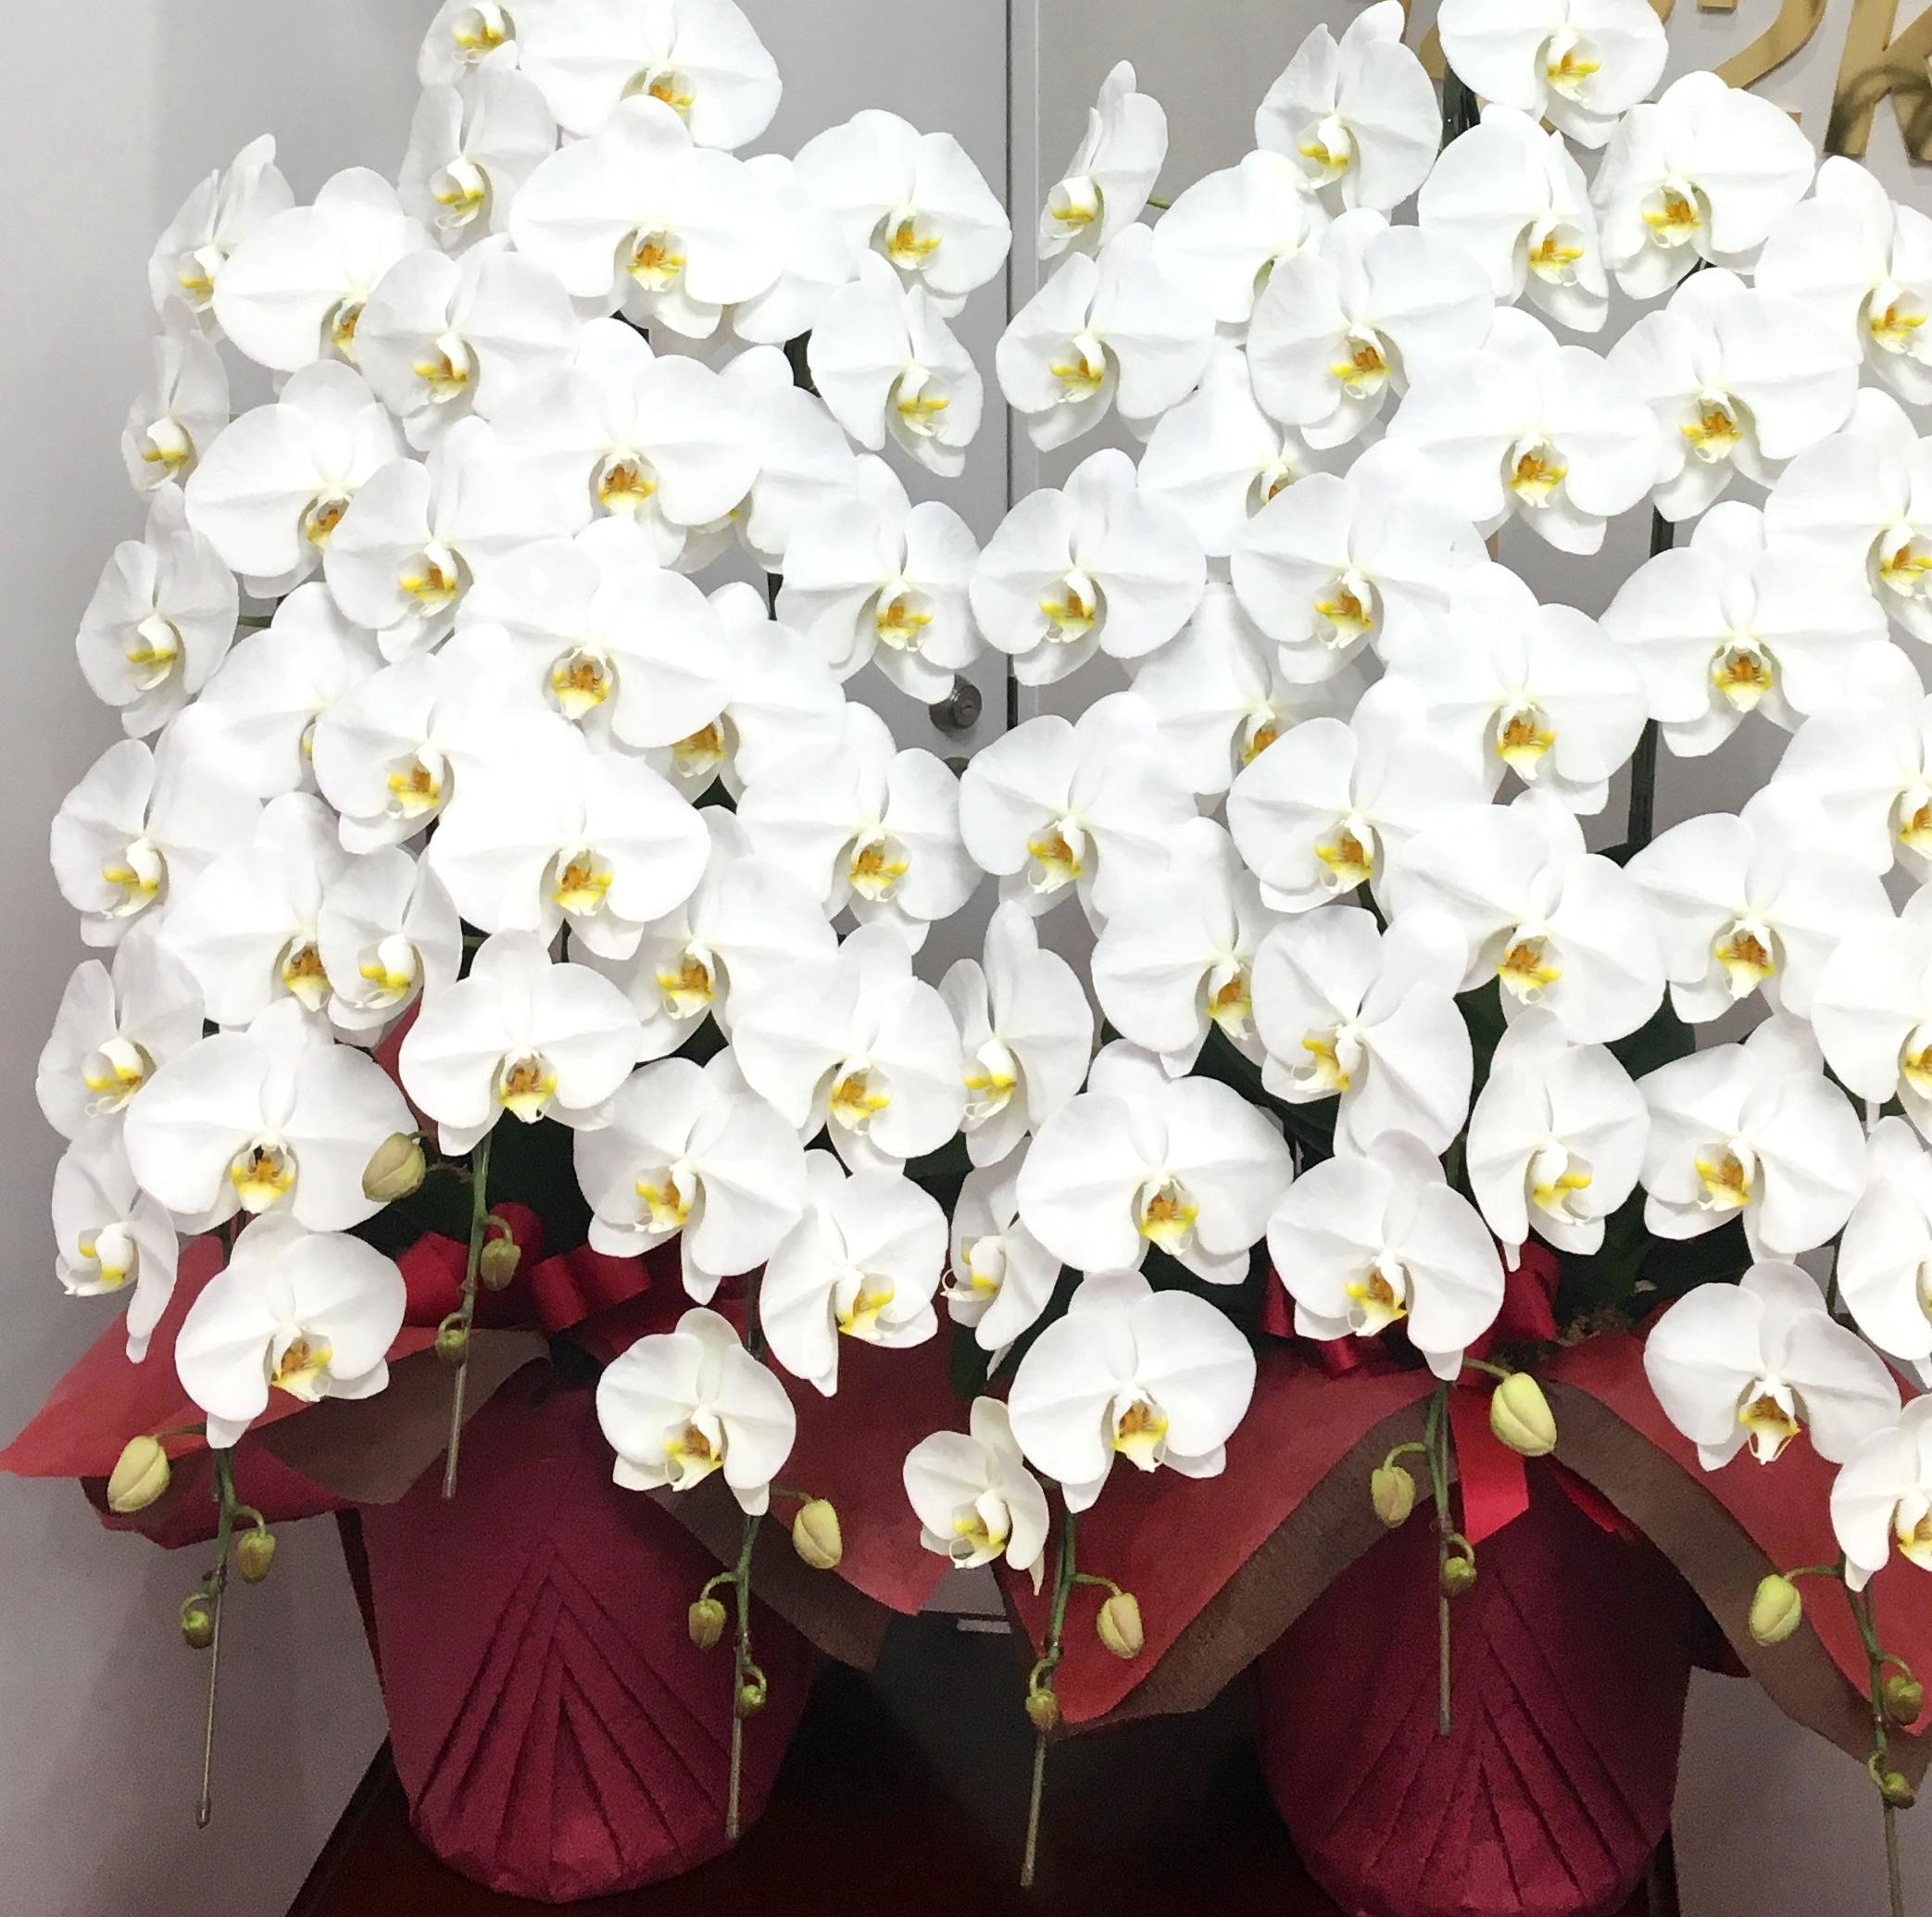 【ナオ花屋の納品事例56】横浜市中区関内の法人企業様より花束を配達しました!